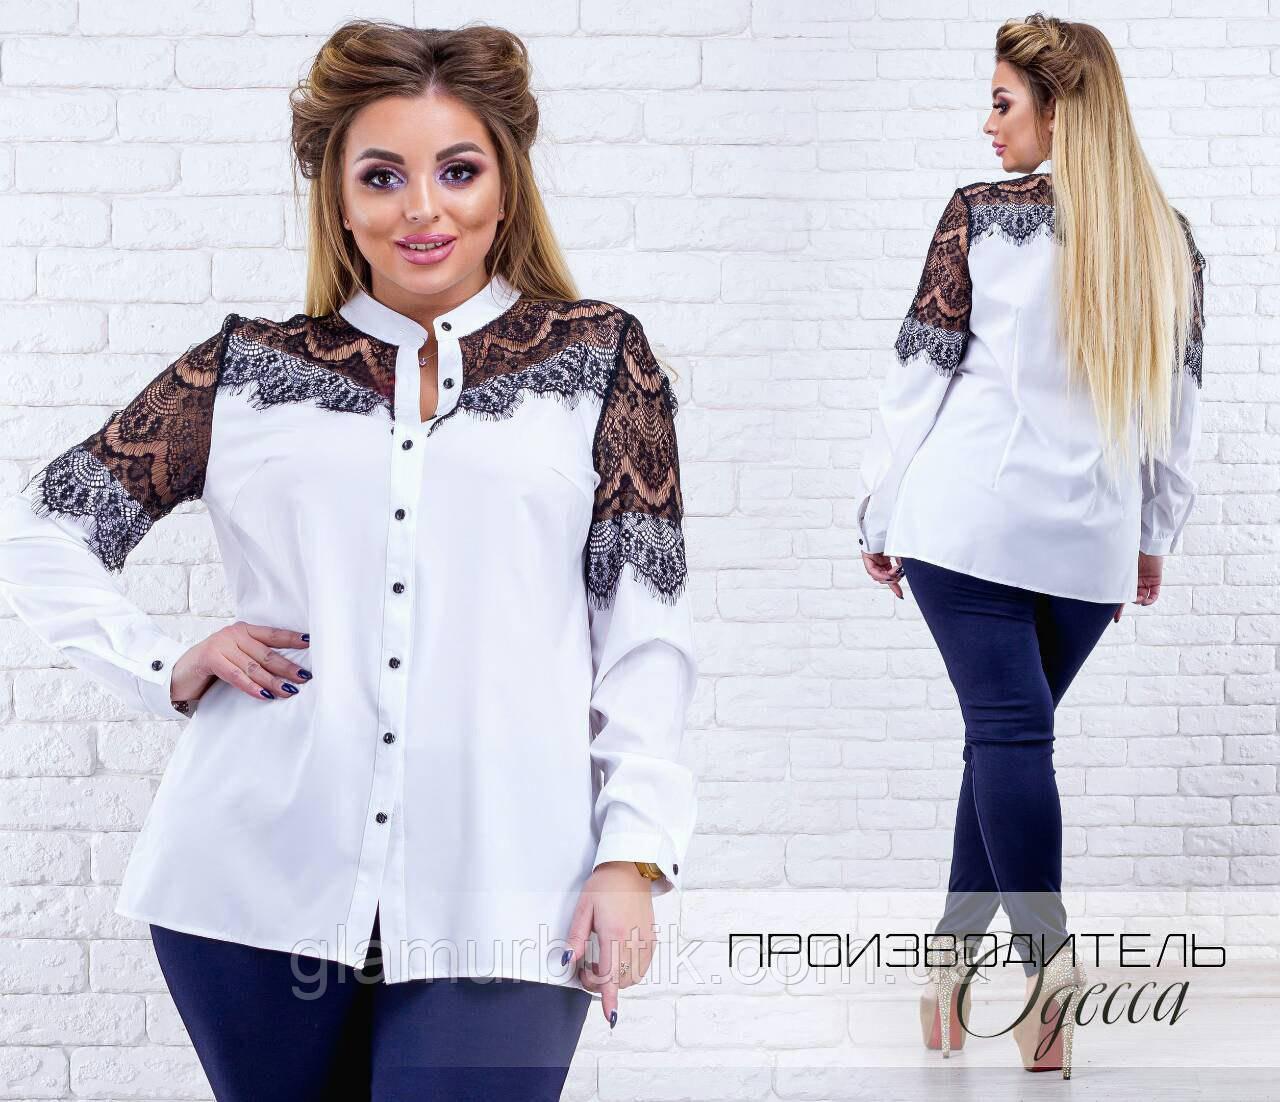 e783e7906ad Хит! Красивая женская блузка с кружевом гипюром и длинным рукавом белая  больших размеров батал 50